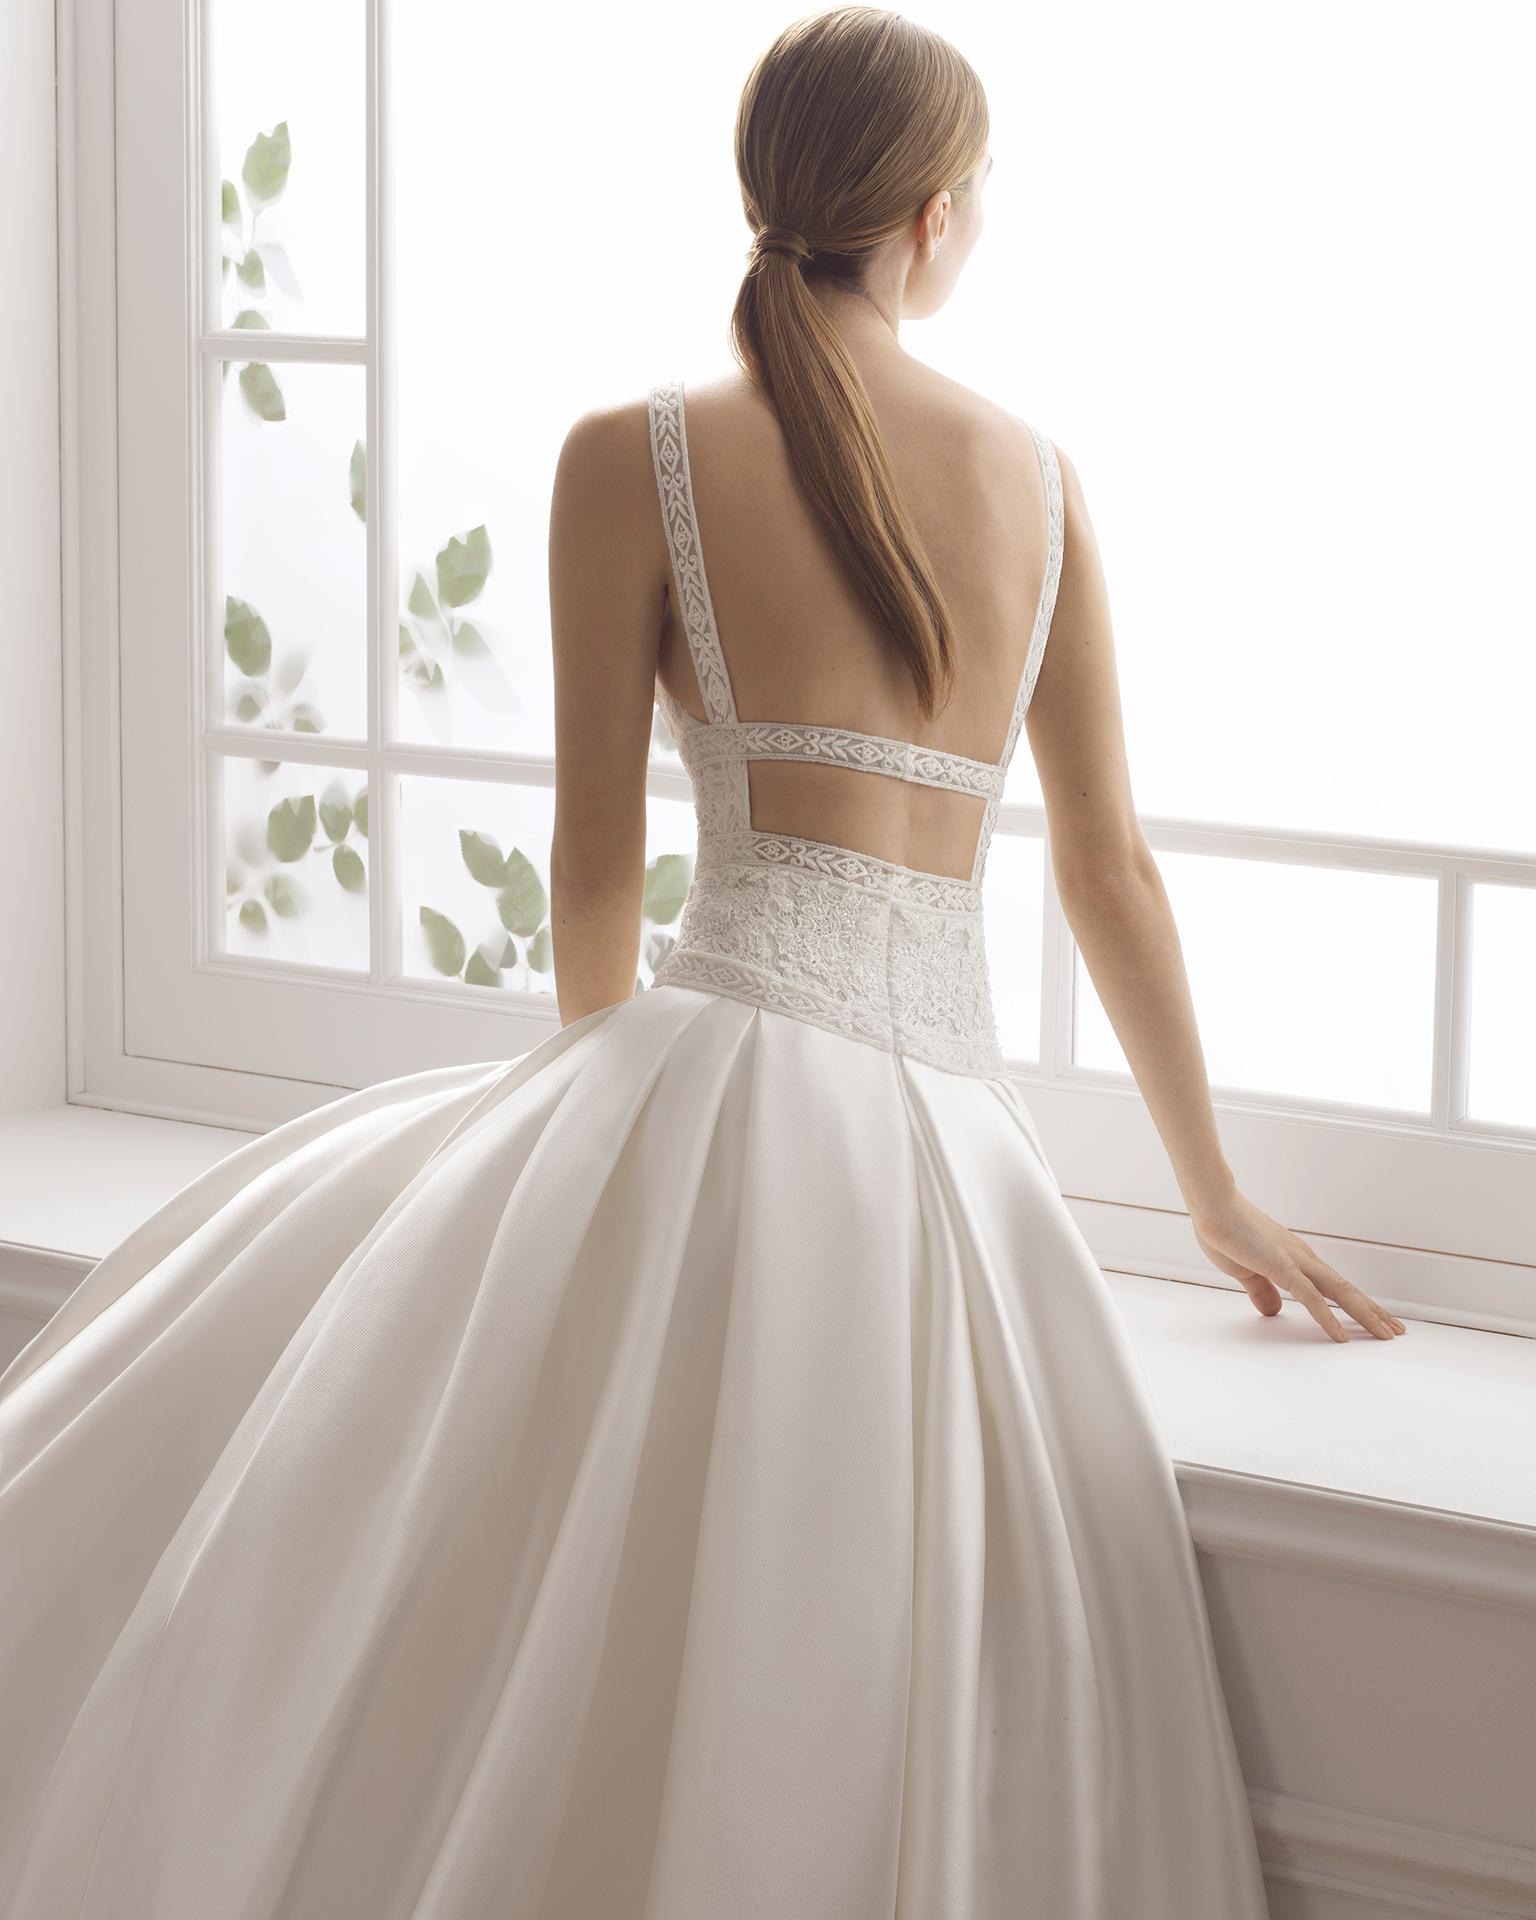 Vestido de noiva estilo clássico de tamis e renda de brilhantes. Decote à barco e costas descobertas. Disponível em cor natural. Coleção AIRE BARCELONA 2019.